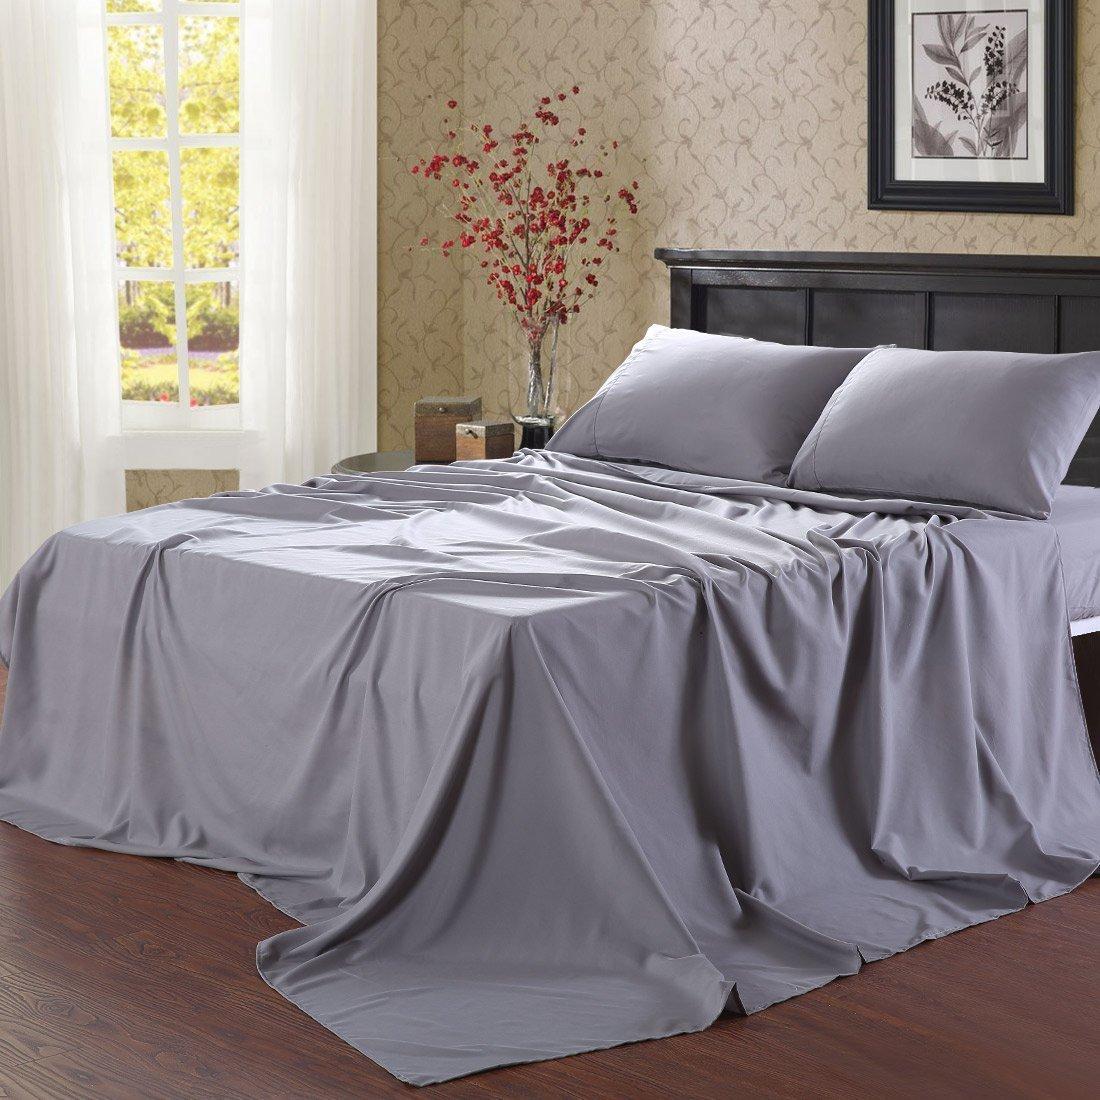 Balichun Bed Sheet Set (Queen) - $28.53 AC + FSSS